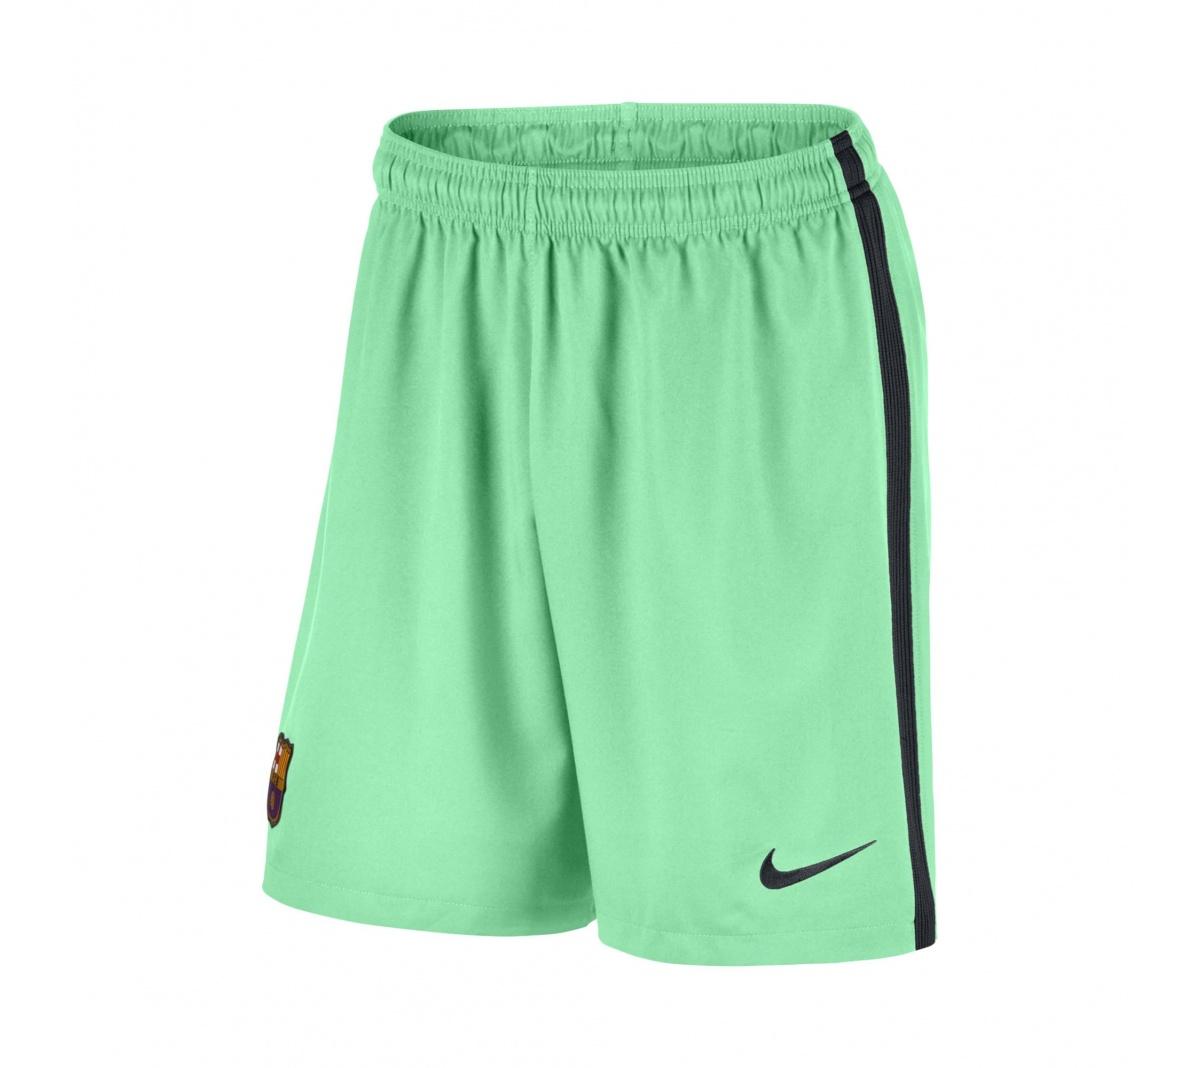 71f3ada9c7 Calção Nike Barcelona III 2016/17 Adulto - Mundo do Futebol